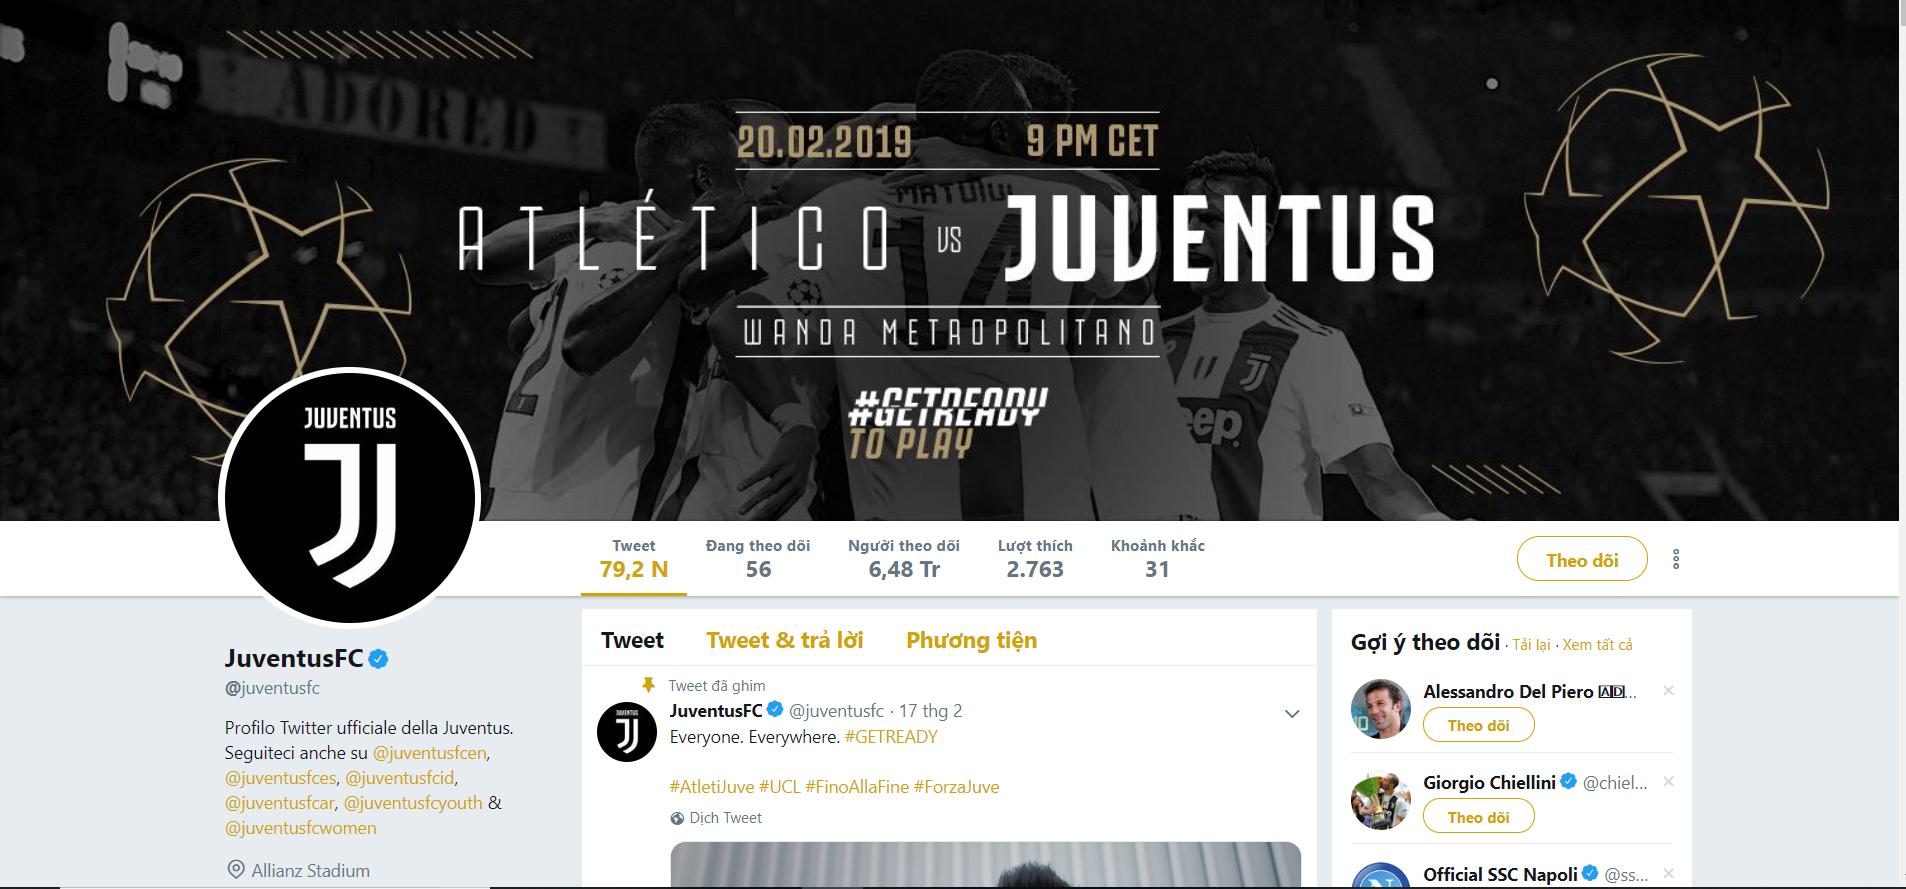 Hiệu ứng truyền thông Ronaldo đã tác động thế nào tới Juve và Serie A sau 7 tháng?